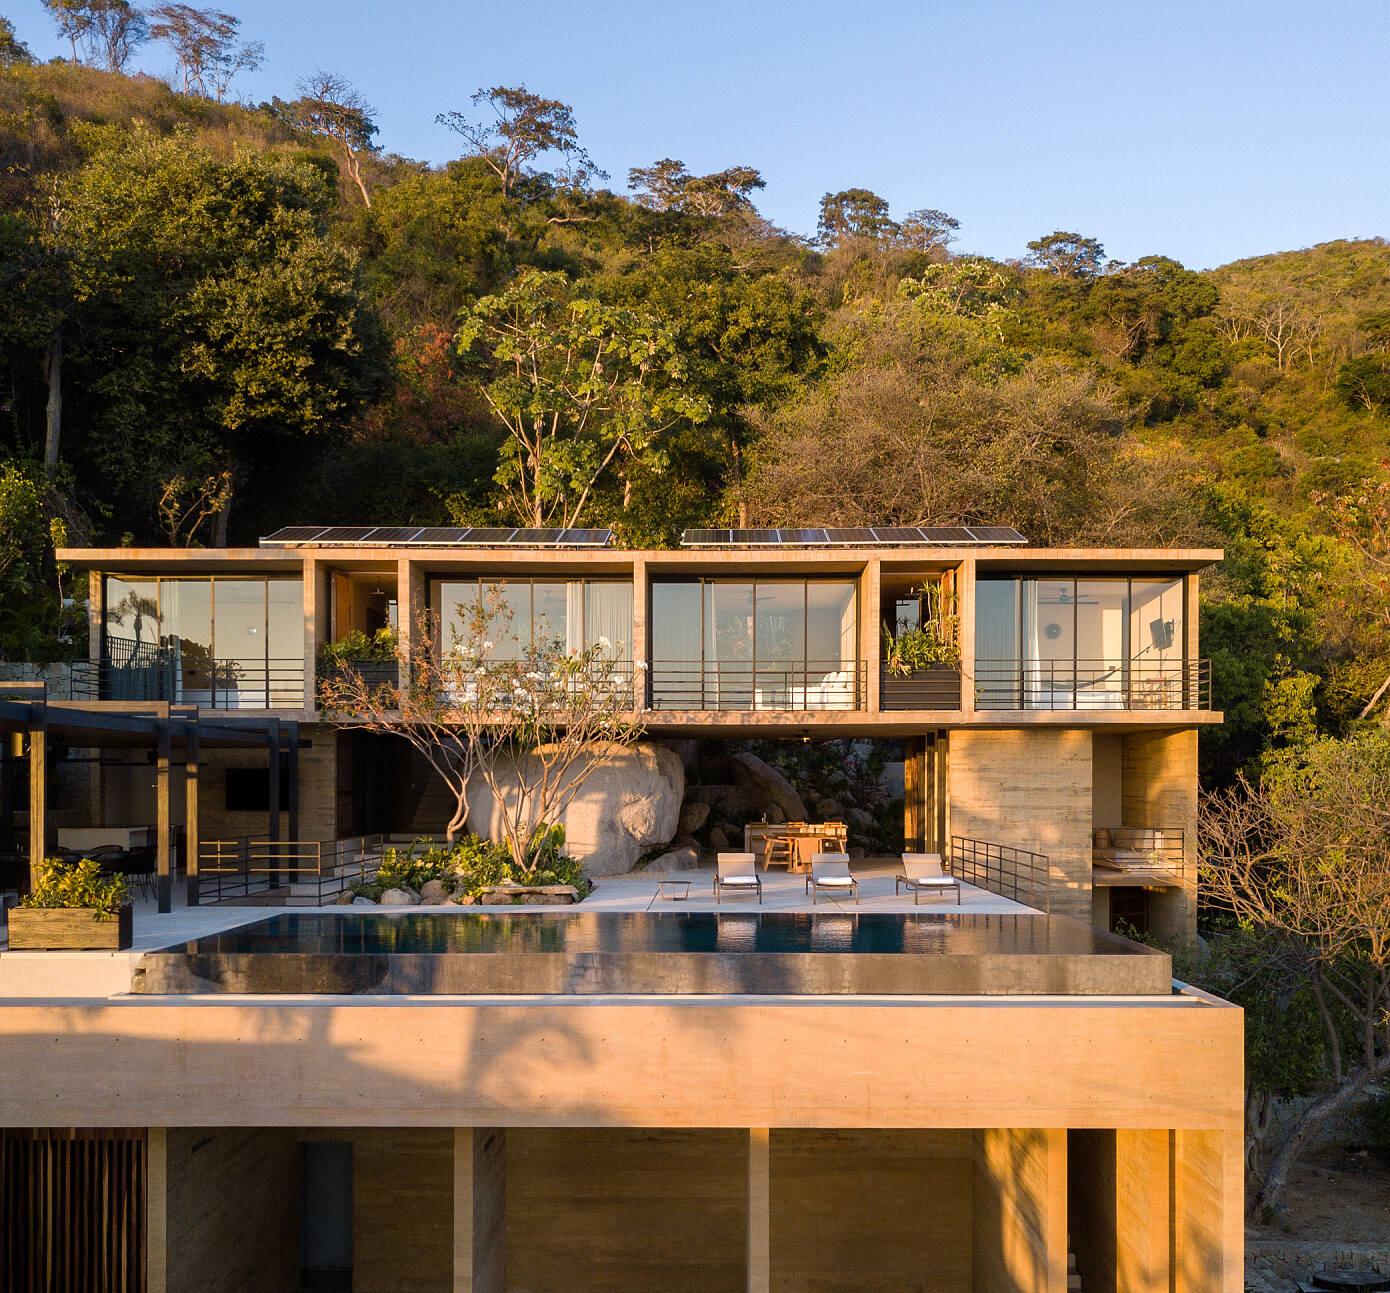 Casa Piedra Acapulco by Taller Gabriela Carrillo